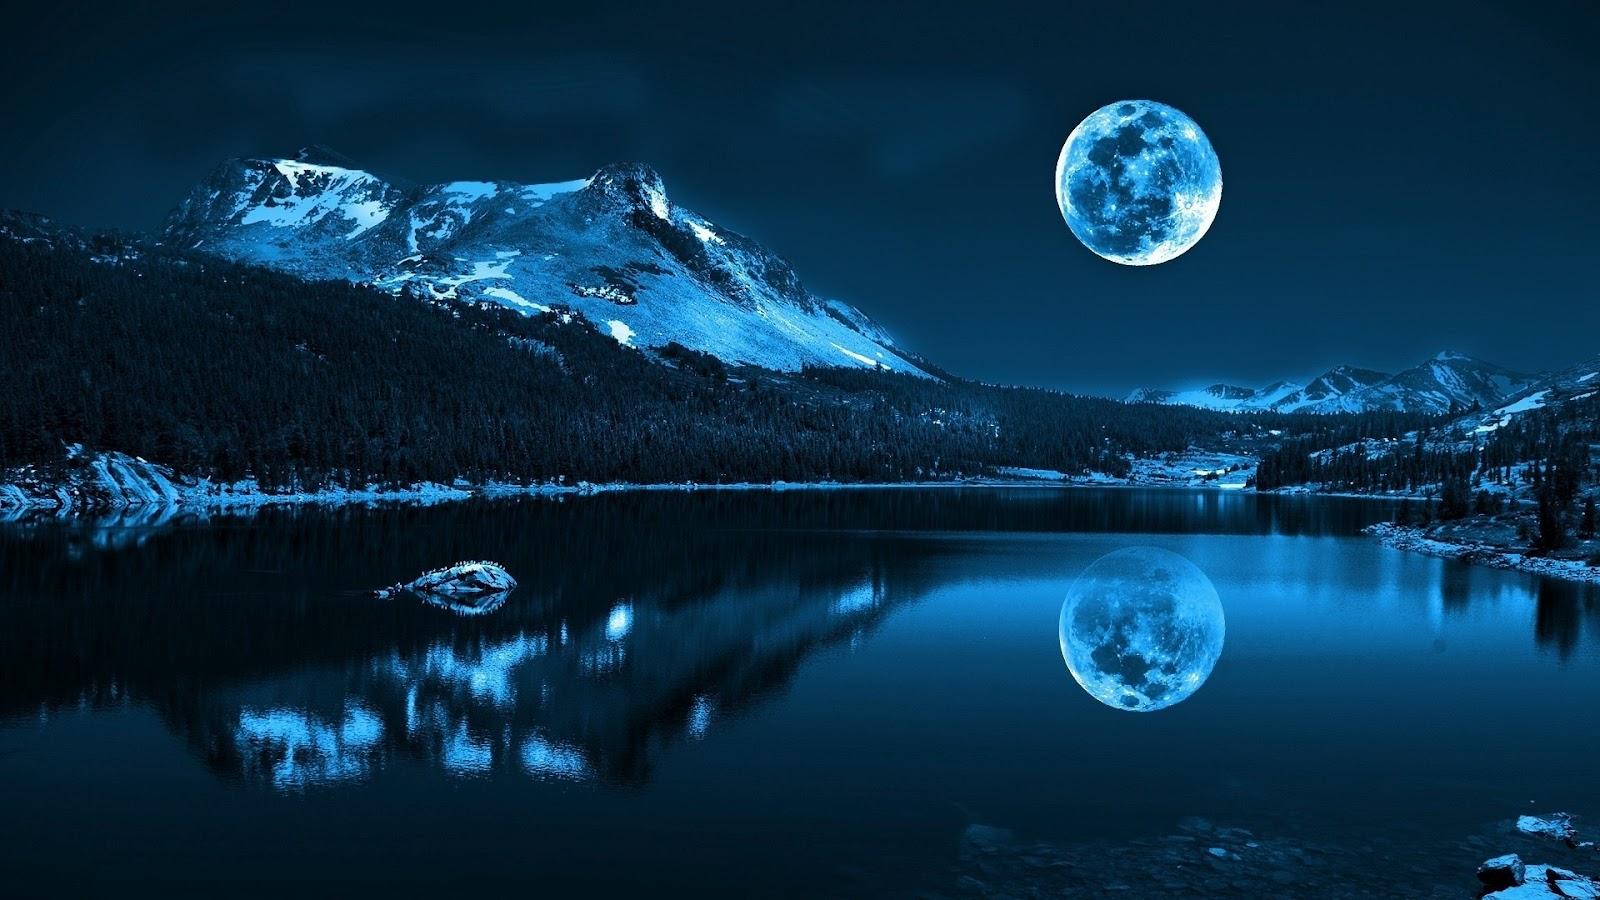 full moon night principe nel ghiaccio background